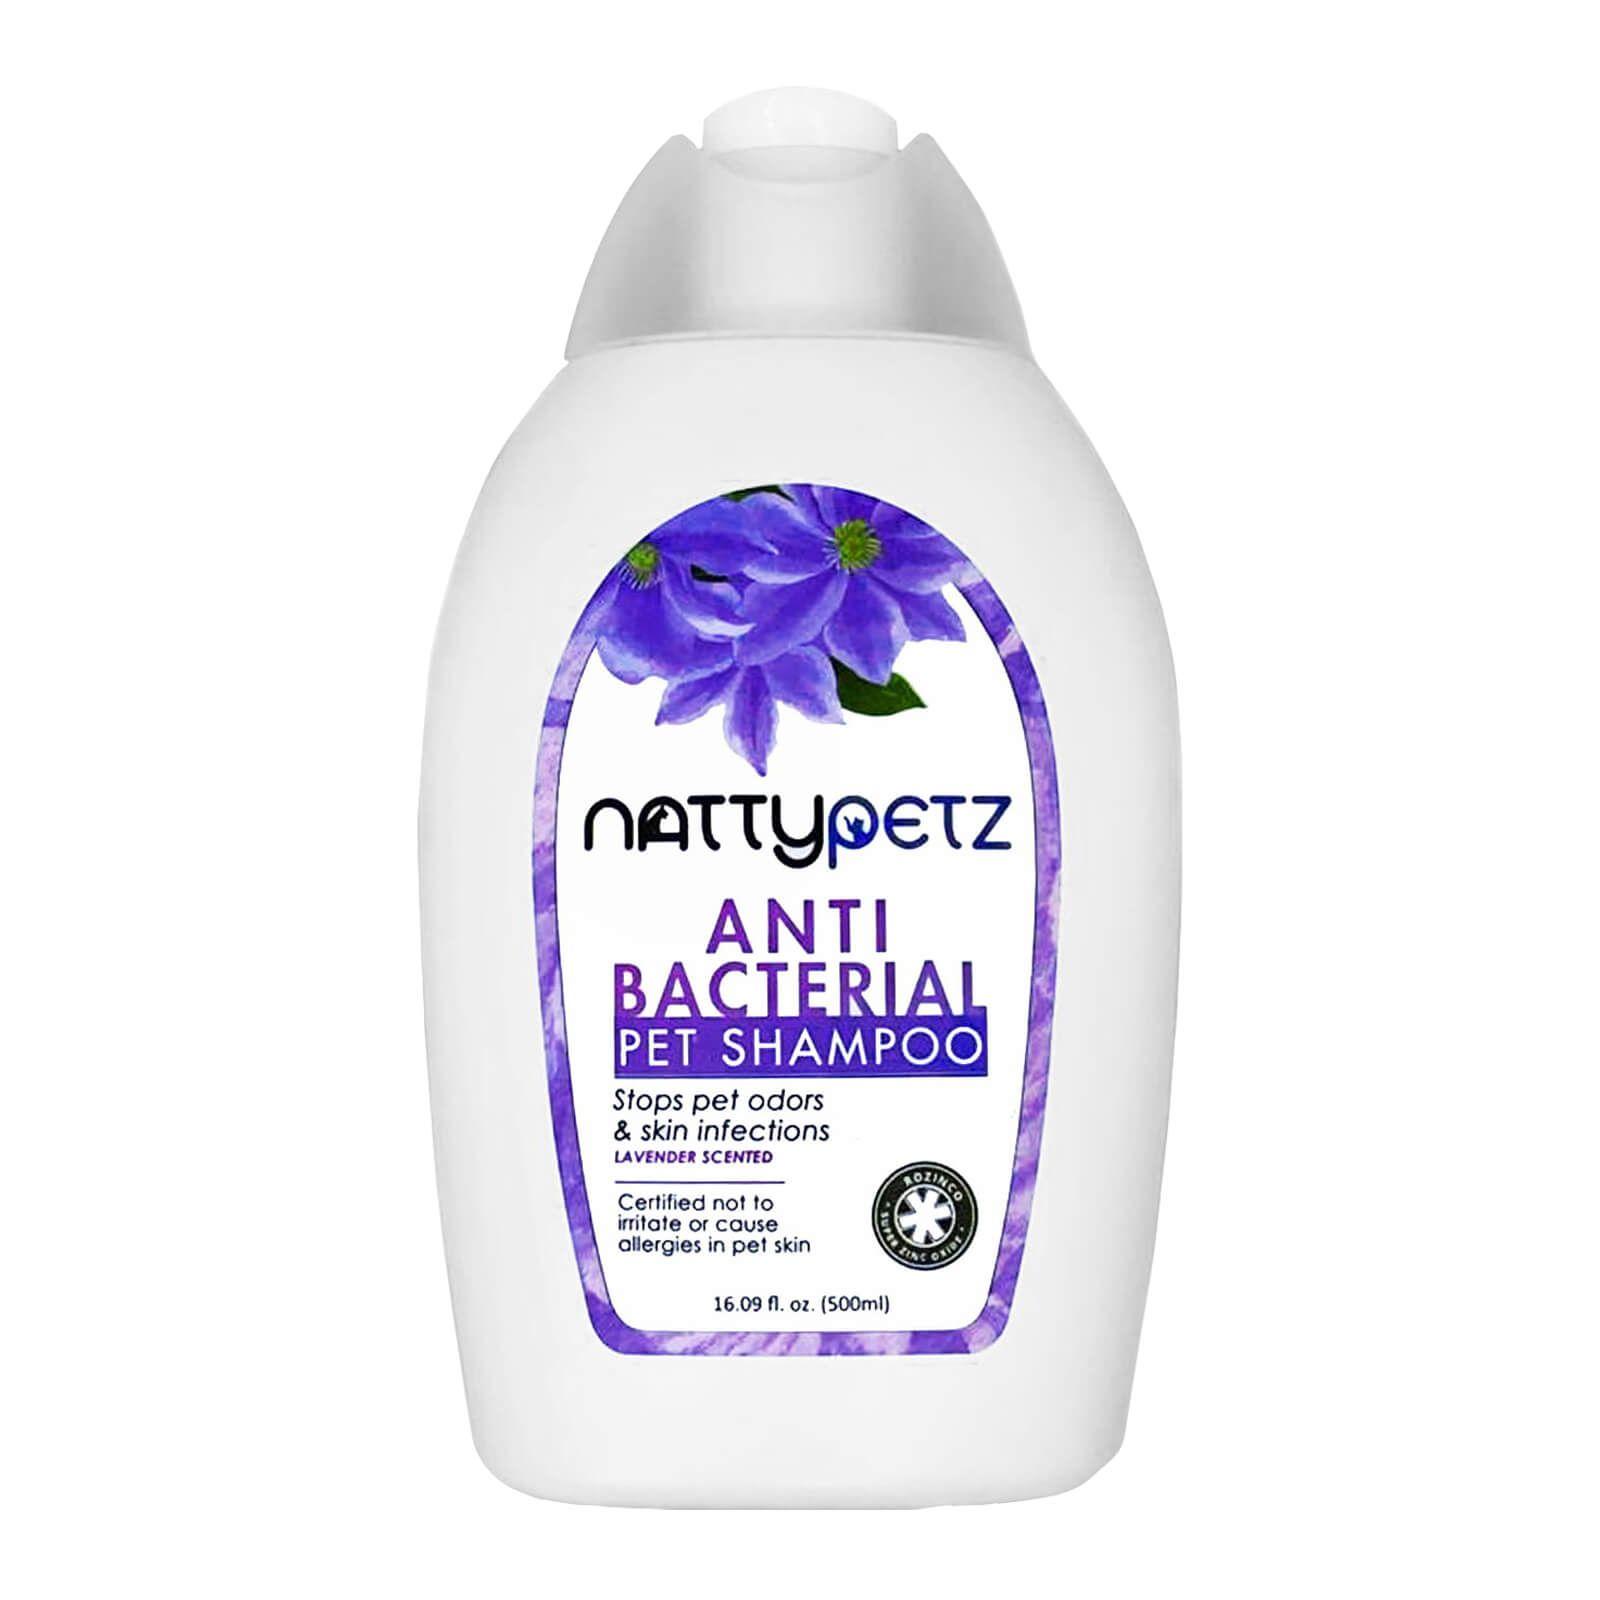 Nattypetz Lavender